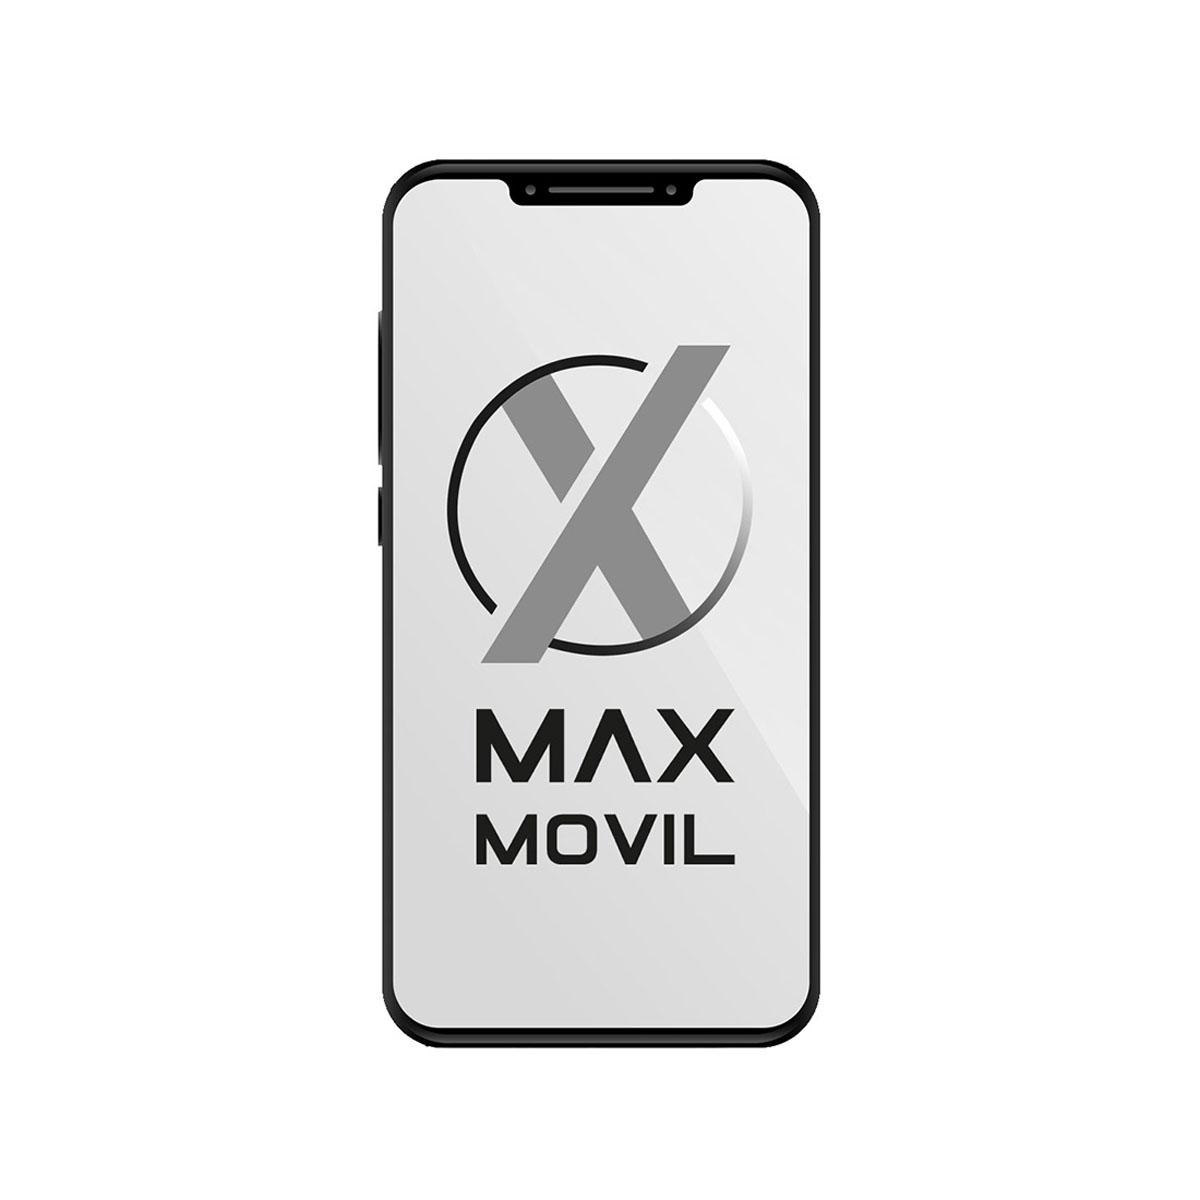 Apple iPhone 12 Pro Max 128GB Gris Grafito